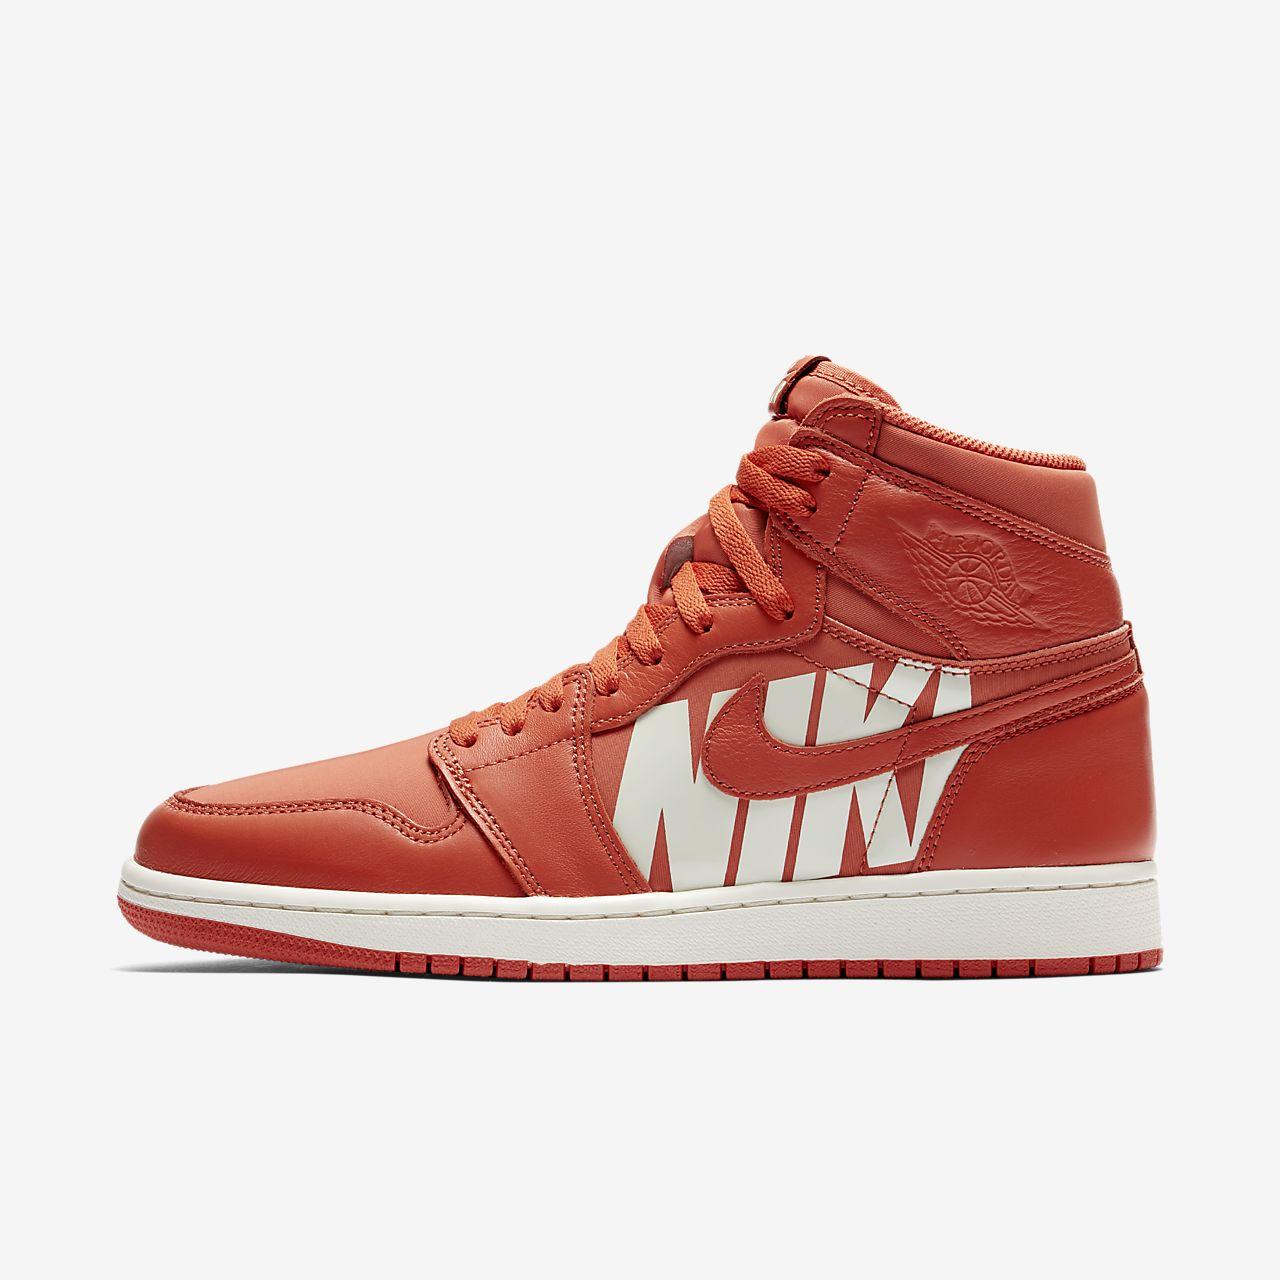 Air Jordan 1 Retro High OG Ayakkabı